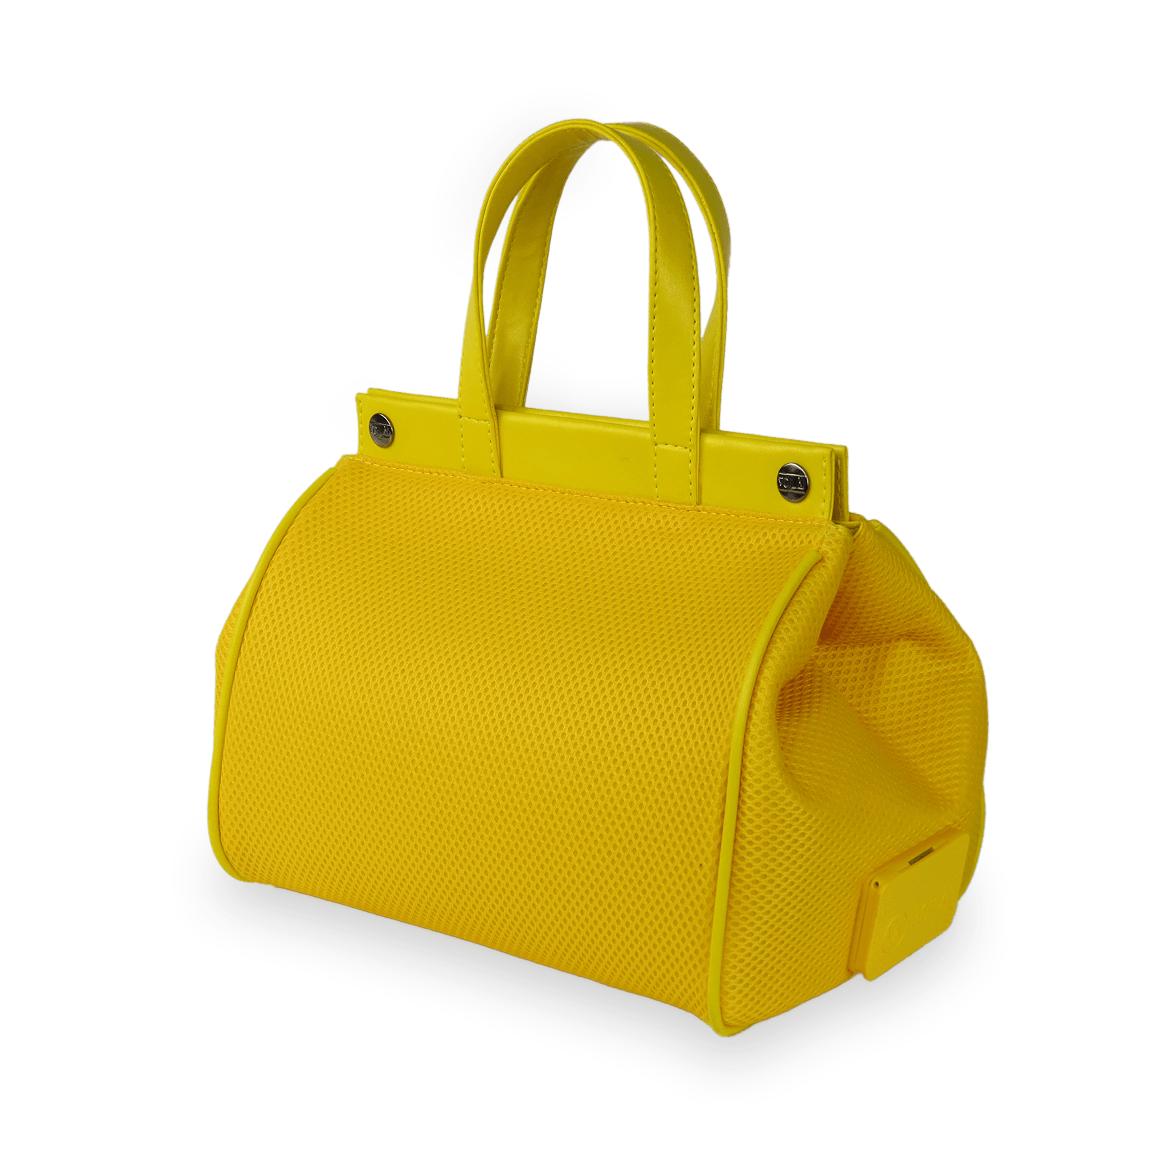 Bolsa Elétrica Voilà! Bag - Pool em Mesh Aerado Amarela